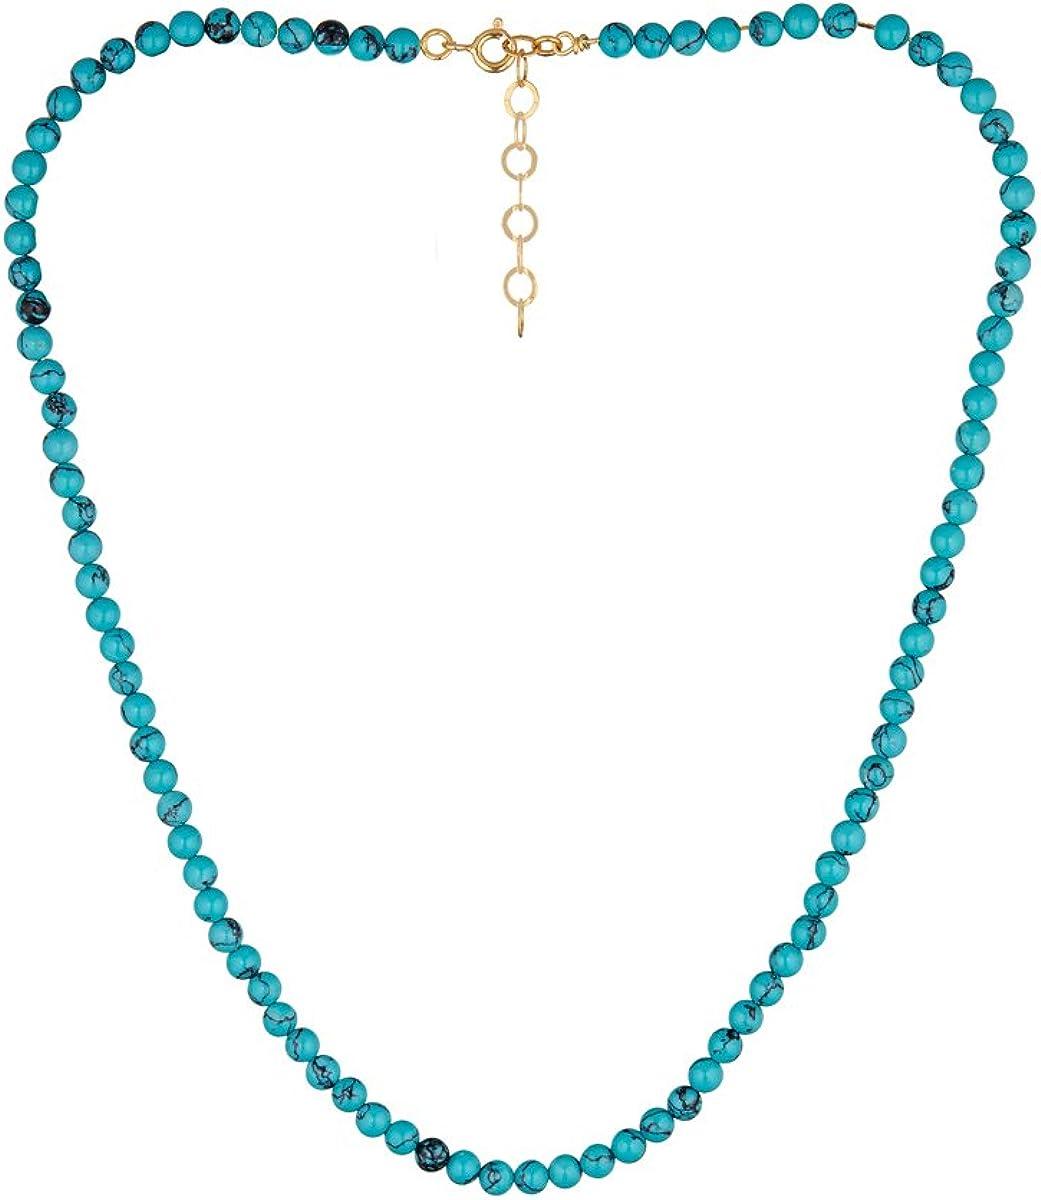 Córdoba Jewels | Gargantilla en Plata de Ley 925 con Piedra semipreciosa con diseño Turquesa